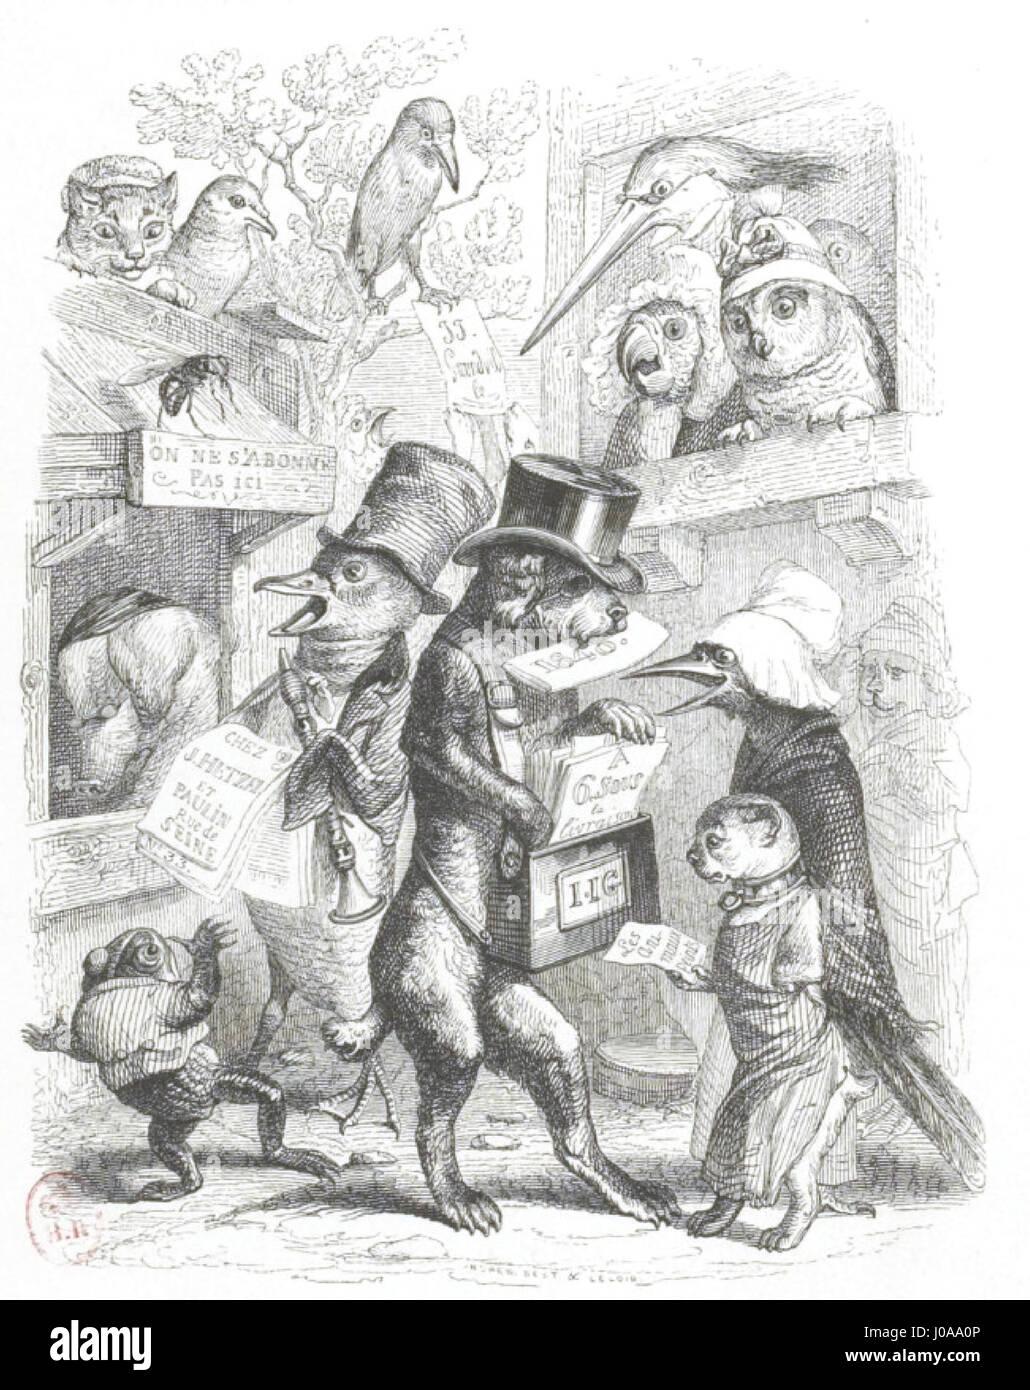 Scènes de la vie privée et publique des animaux, tome 1 0072 - Stock Image